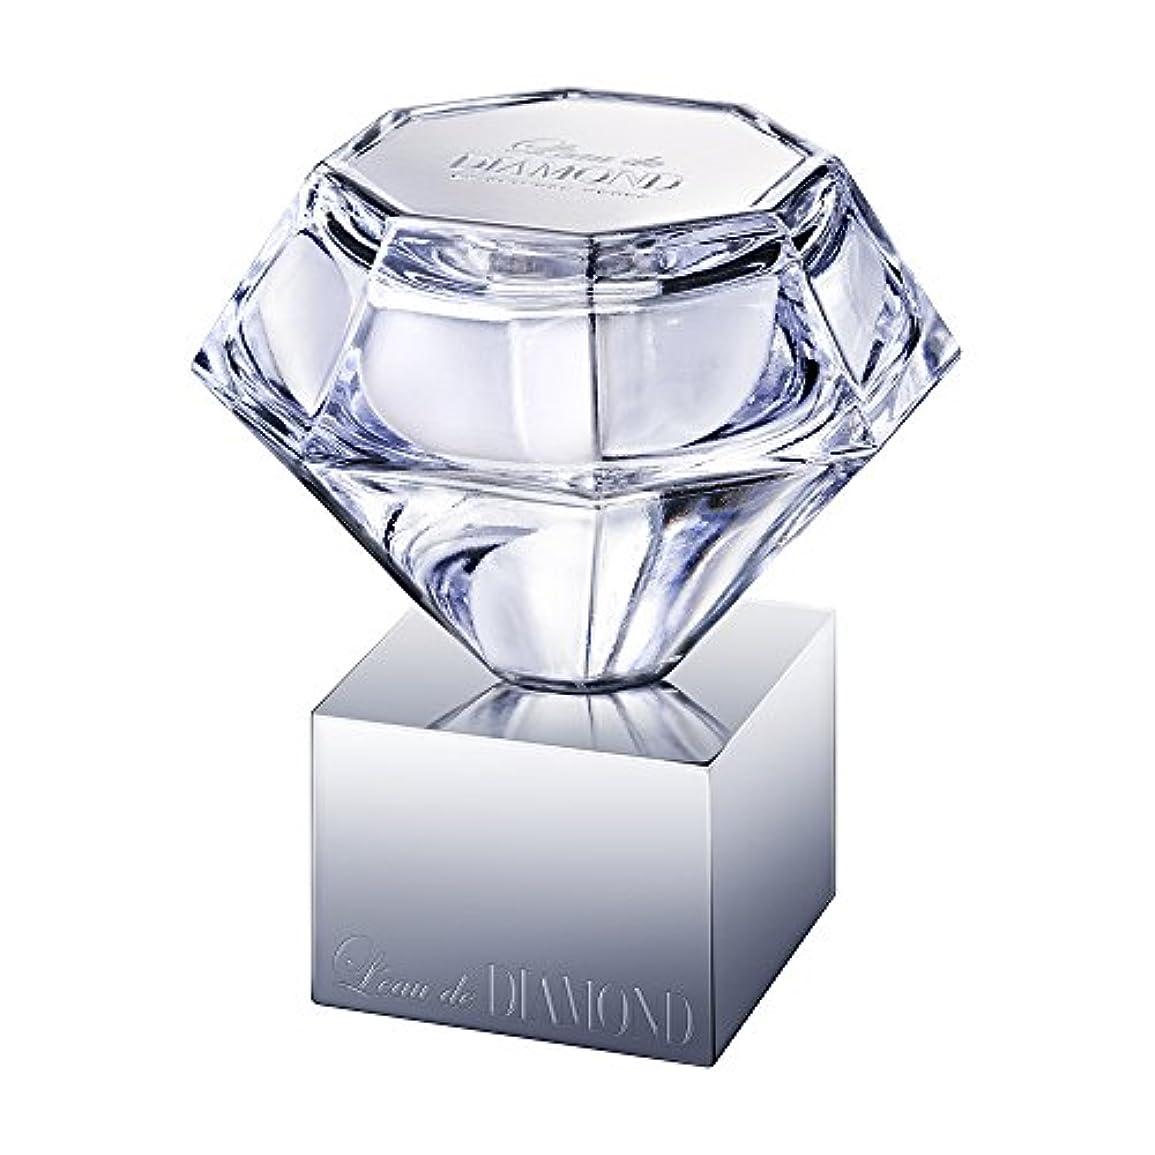 昇る警官感嘆符ロードダイアモンド バイ ケイスケ ホンダ オードパルファム(プールオム) 50ml